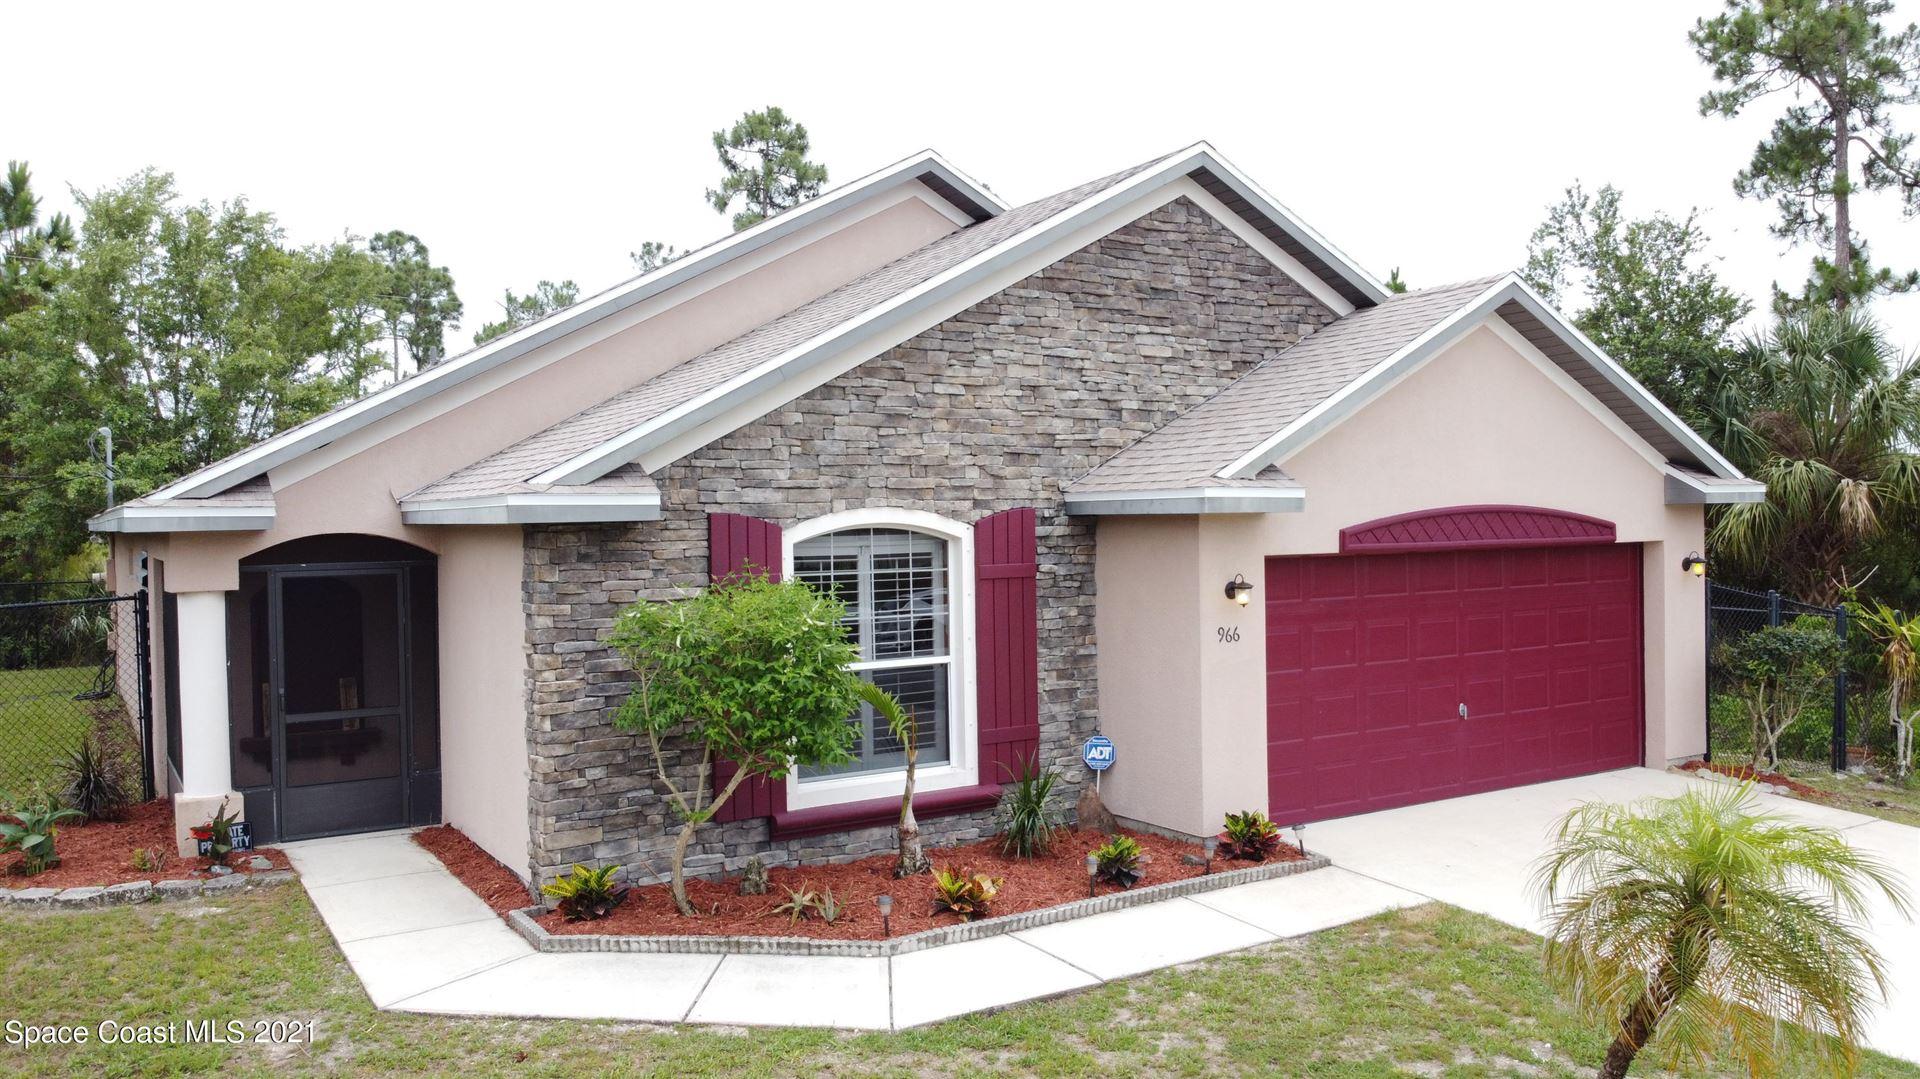 966 Weslaco Street, Palm Bay, FL 32909 - #: 905097